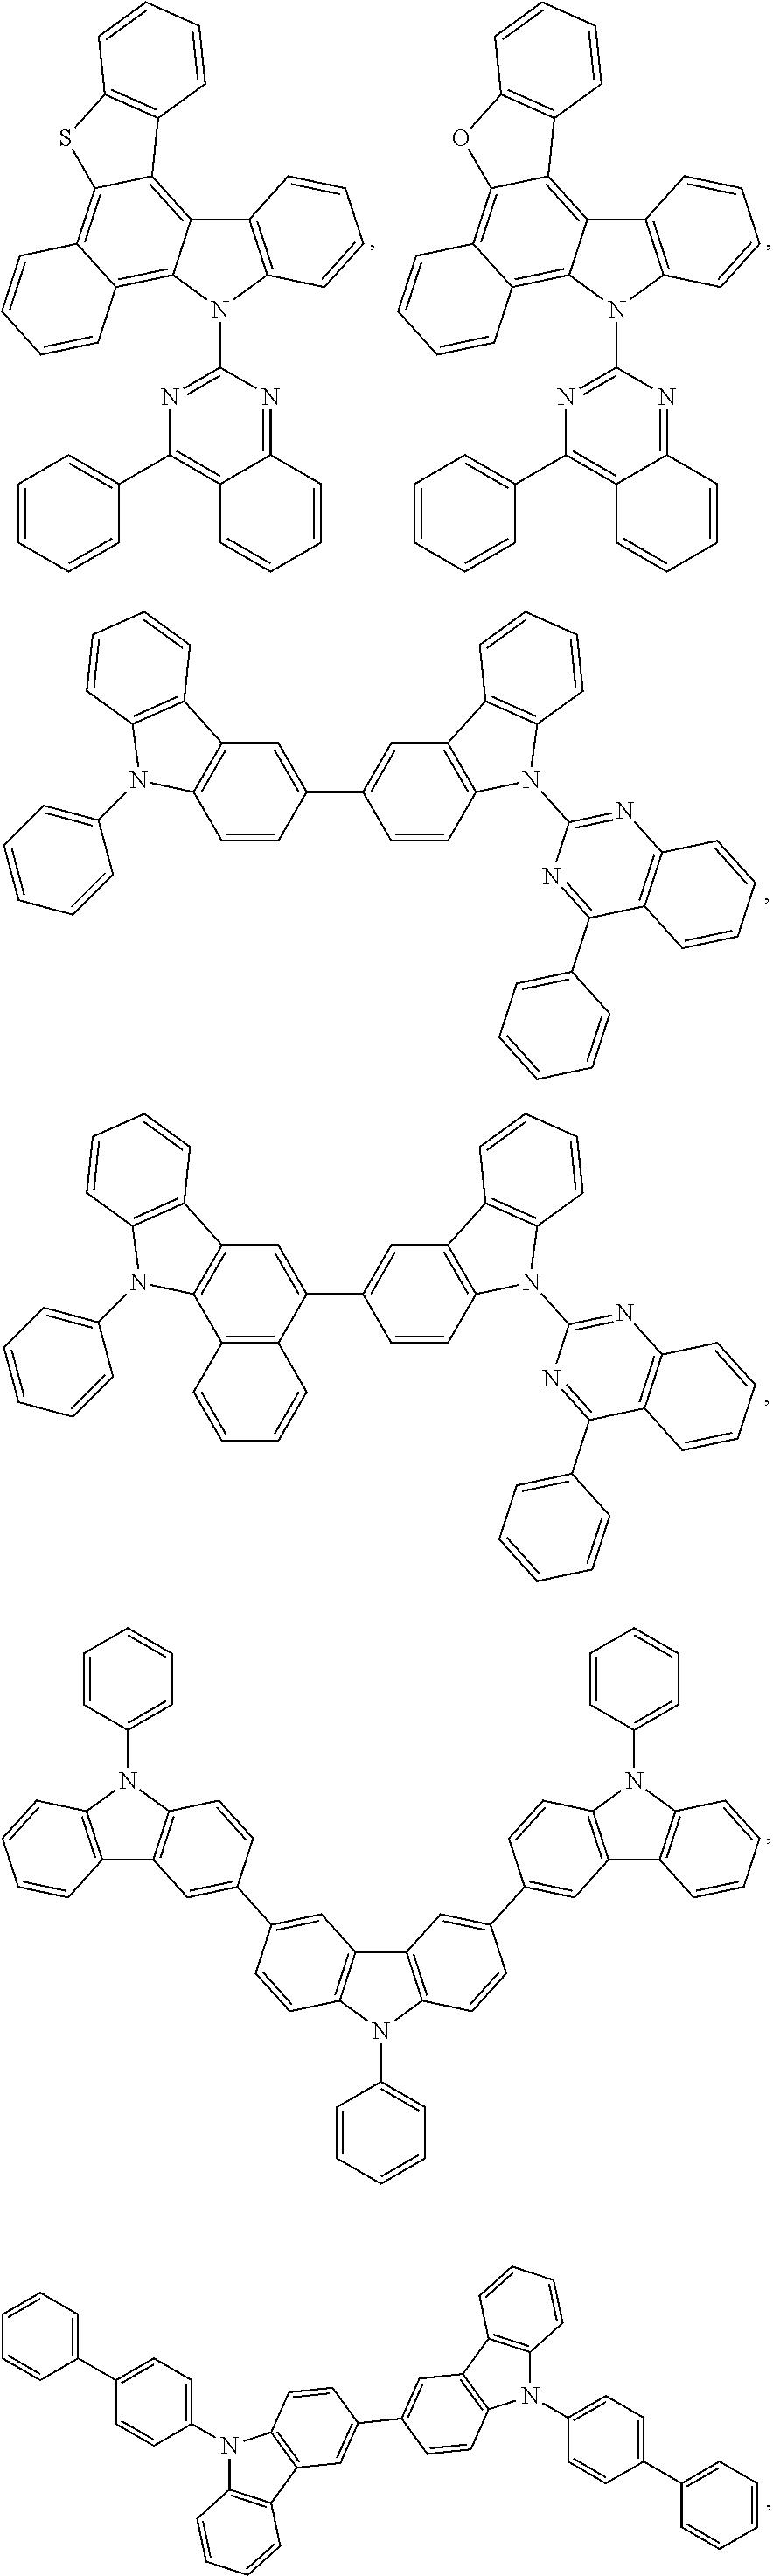 Figure US09859510-20180102-C00029